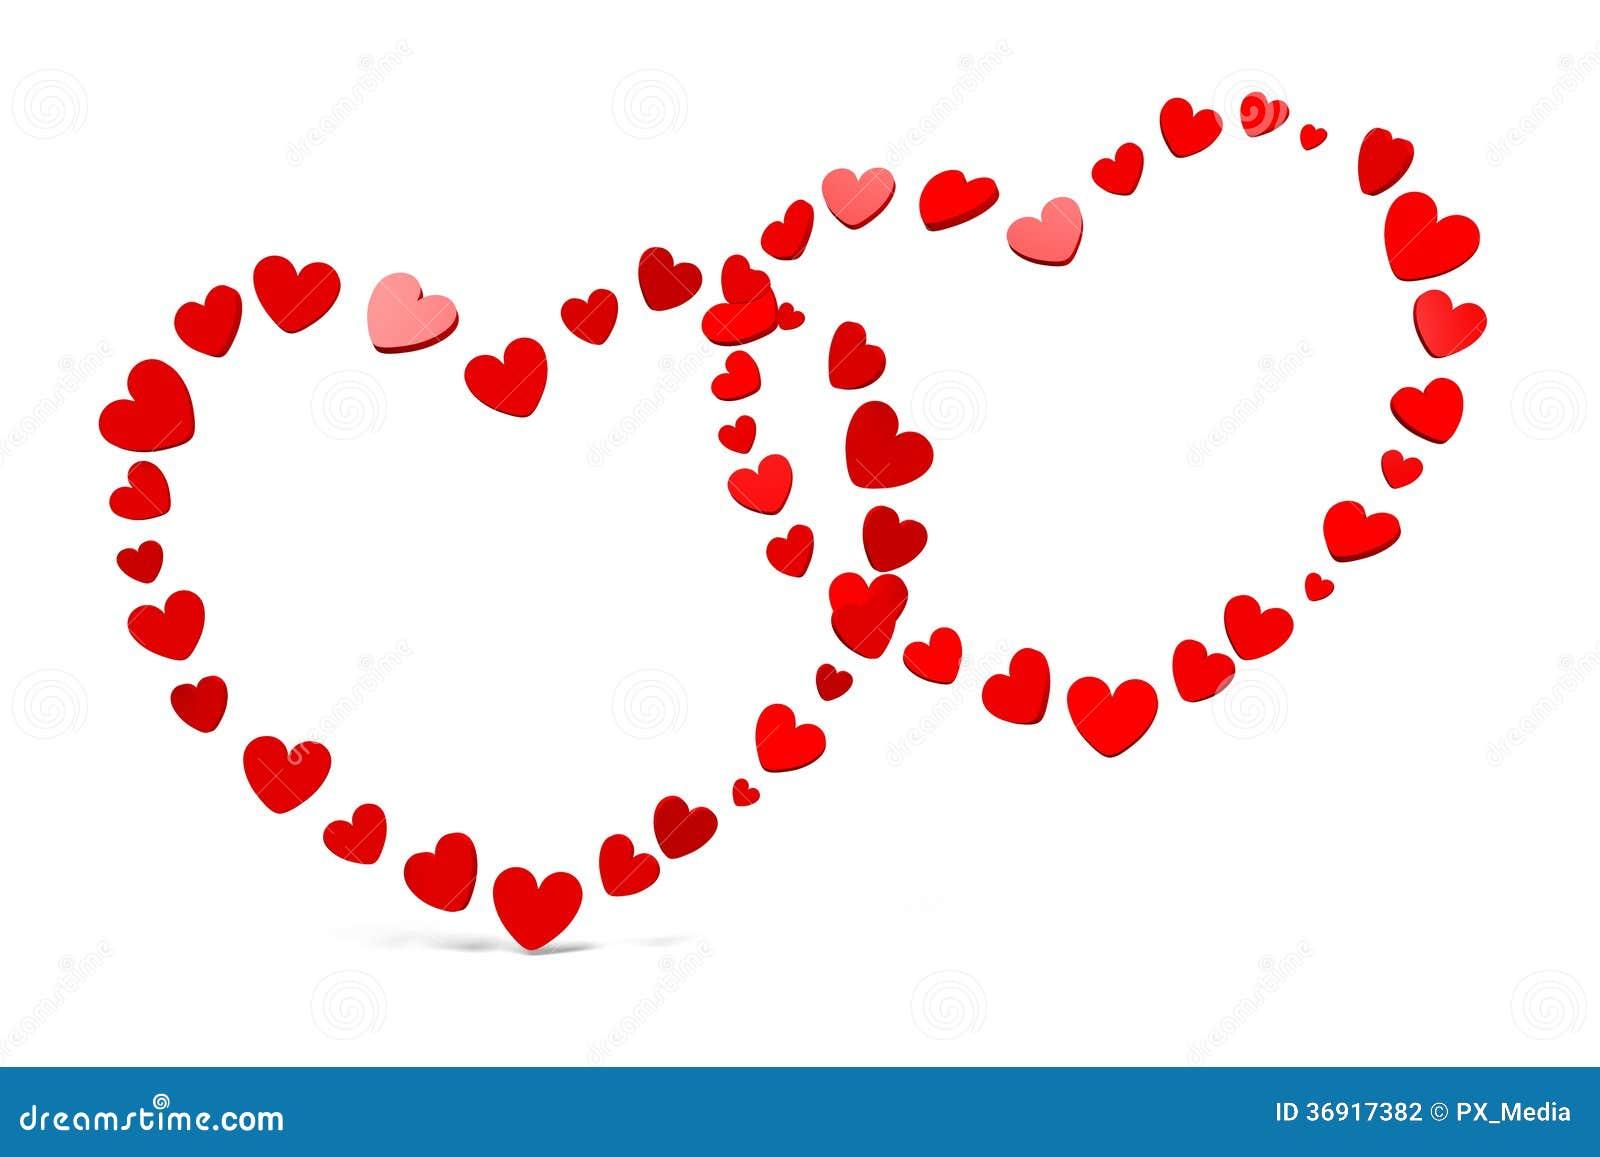 san valentines days meme - 3D Grafika Walentynka Dzień 14th Luty Serca Szczęśliwe